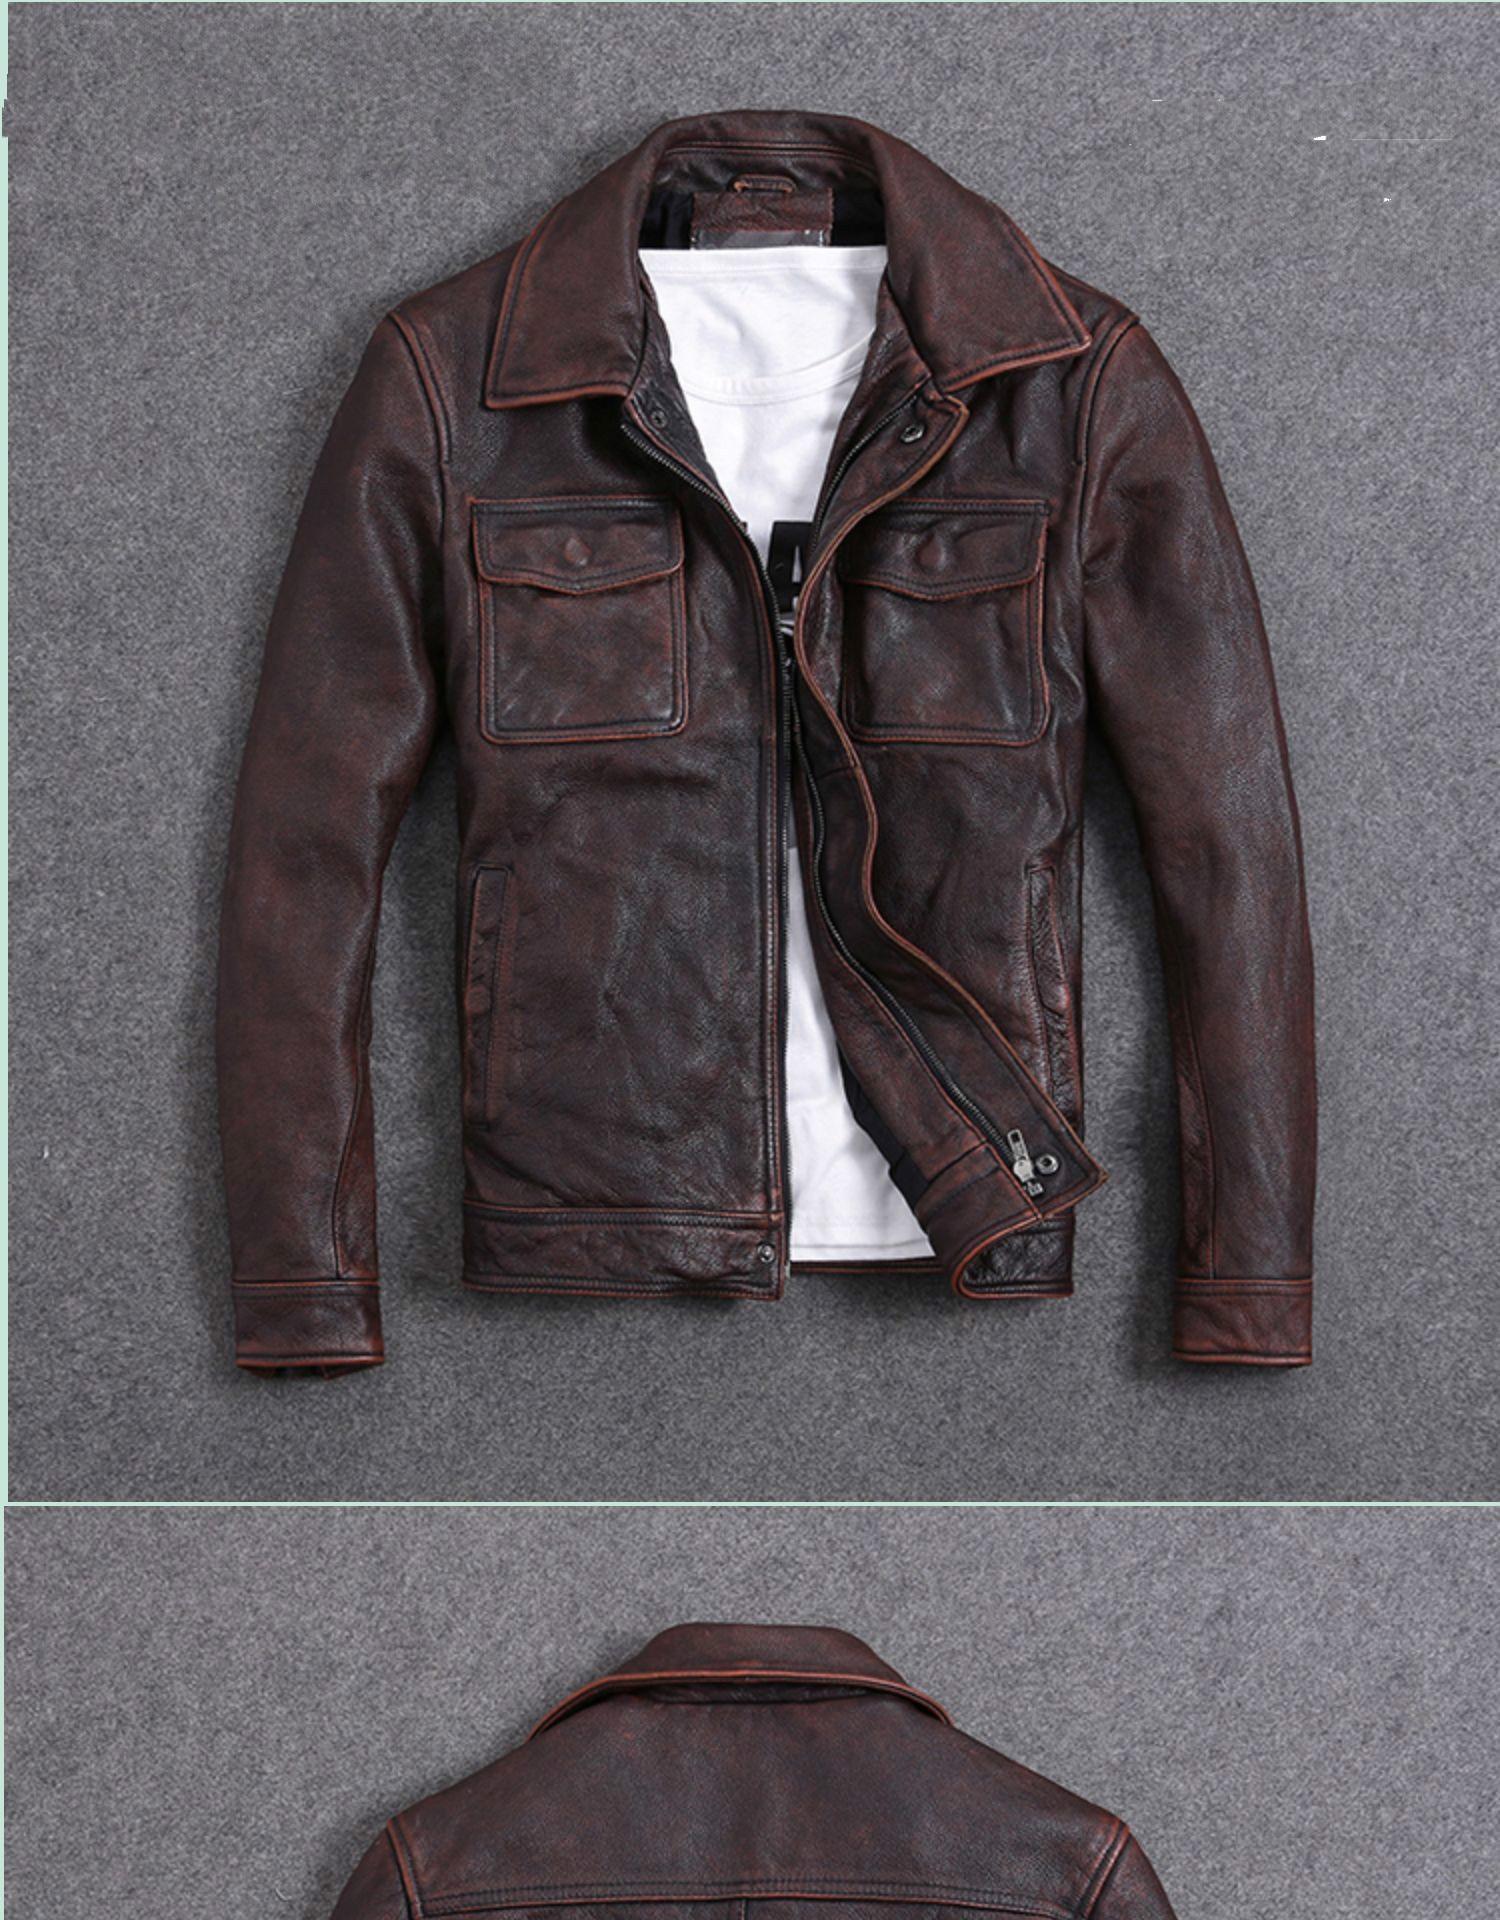 H99cf1f98d31640ffb573e6f7816e4a177 AYUNSUE Vintage Genuine Cow Leather Jacket Men Plus Size Cowhide Leather Coat Slim Short Jacket Veste Cuir Homme L-Z-14 YY1366